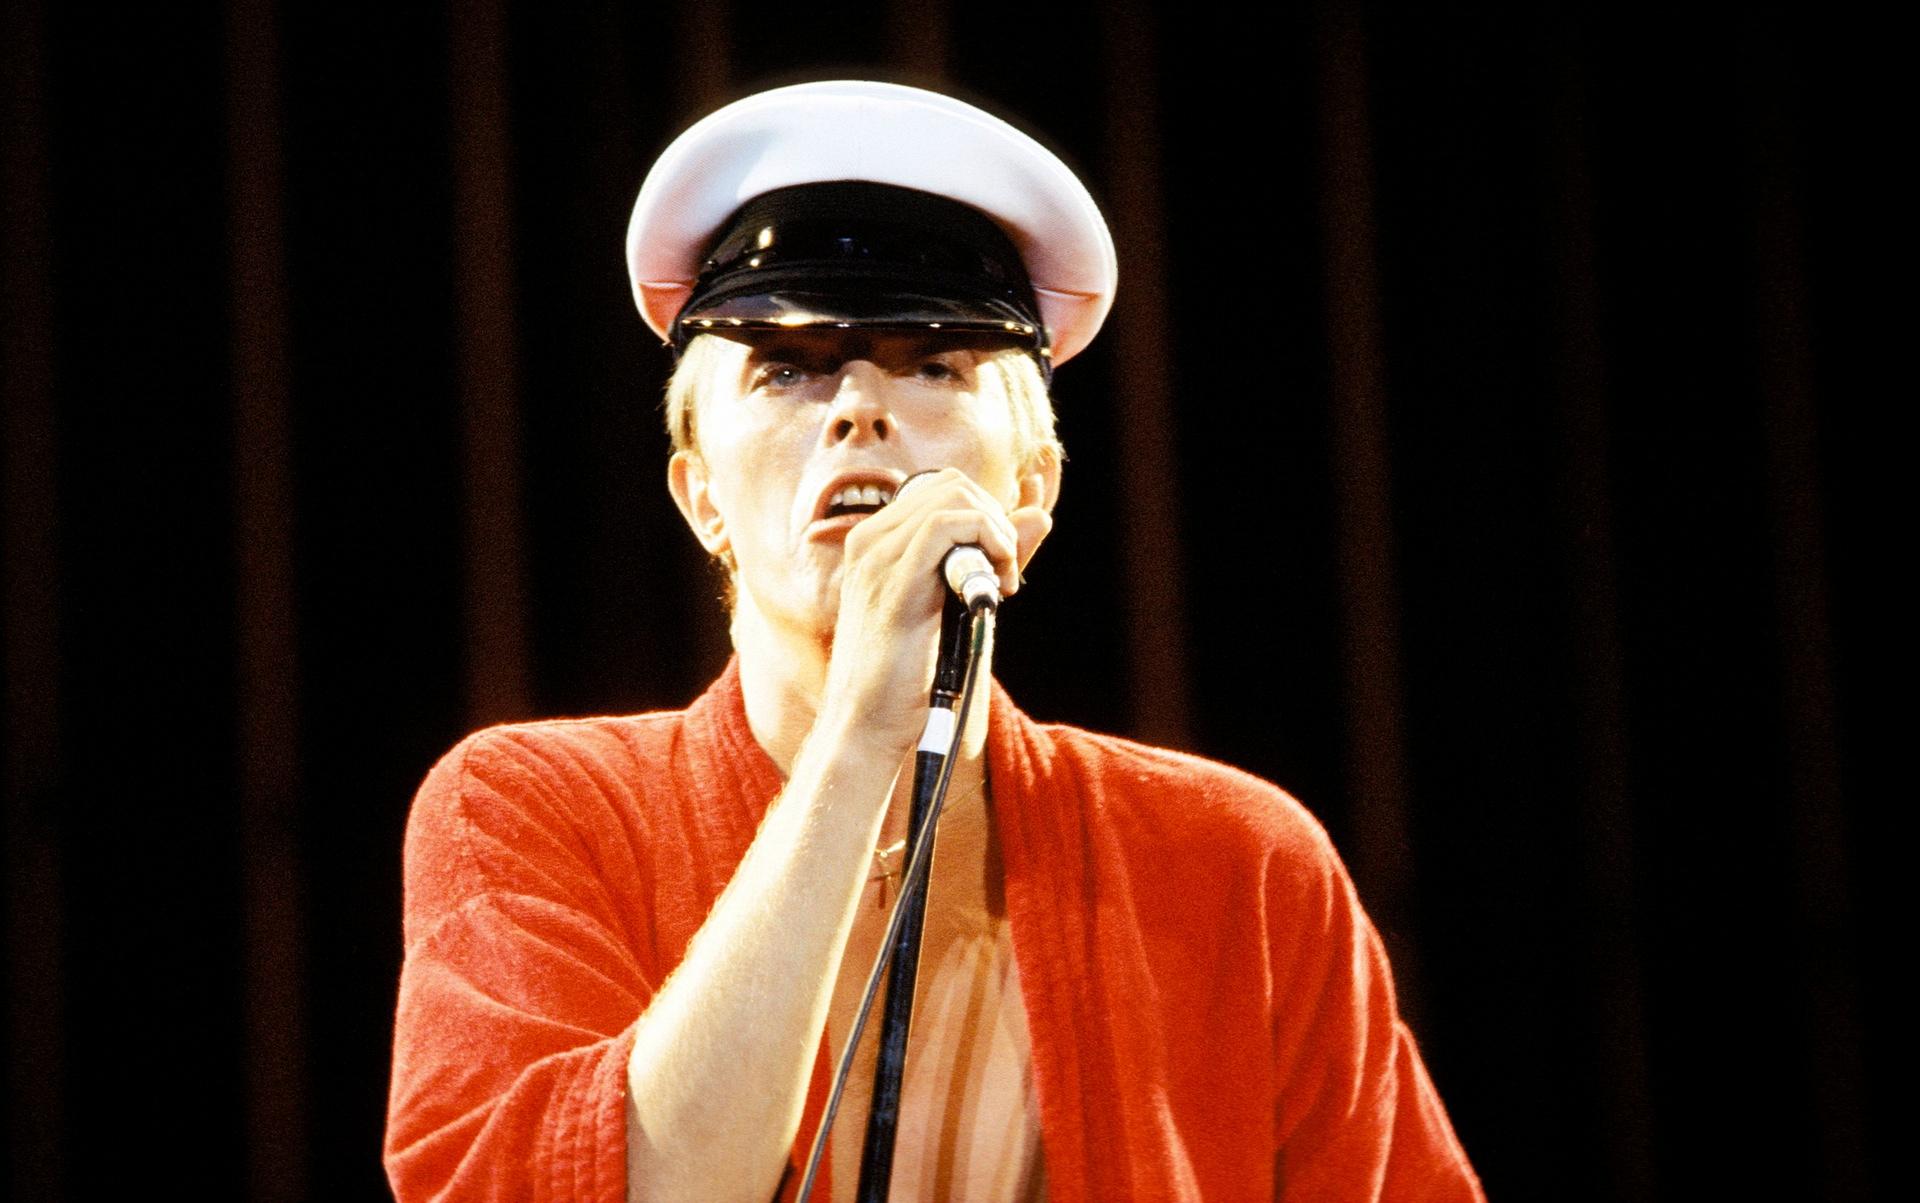 Изпълнение на живо от турнето Low/Heroes 1978 World Tour Фотография: Bob King/Redferns